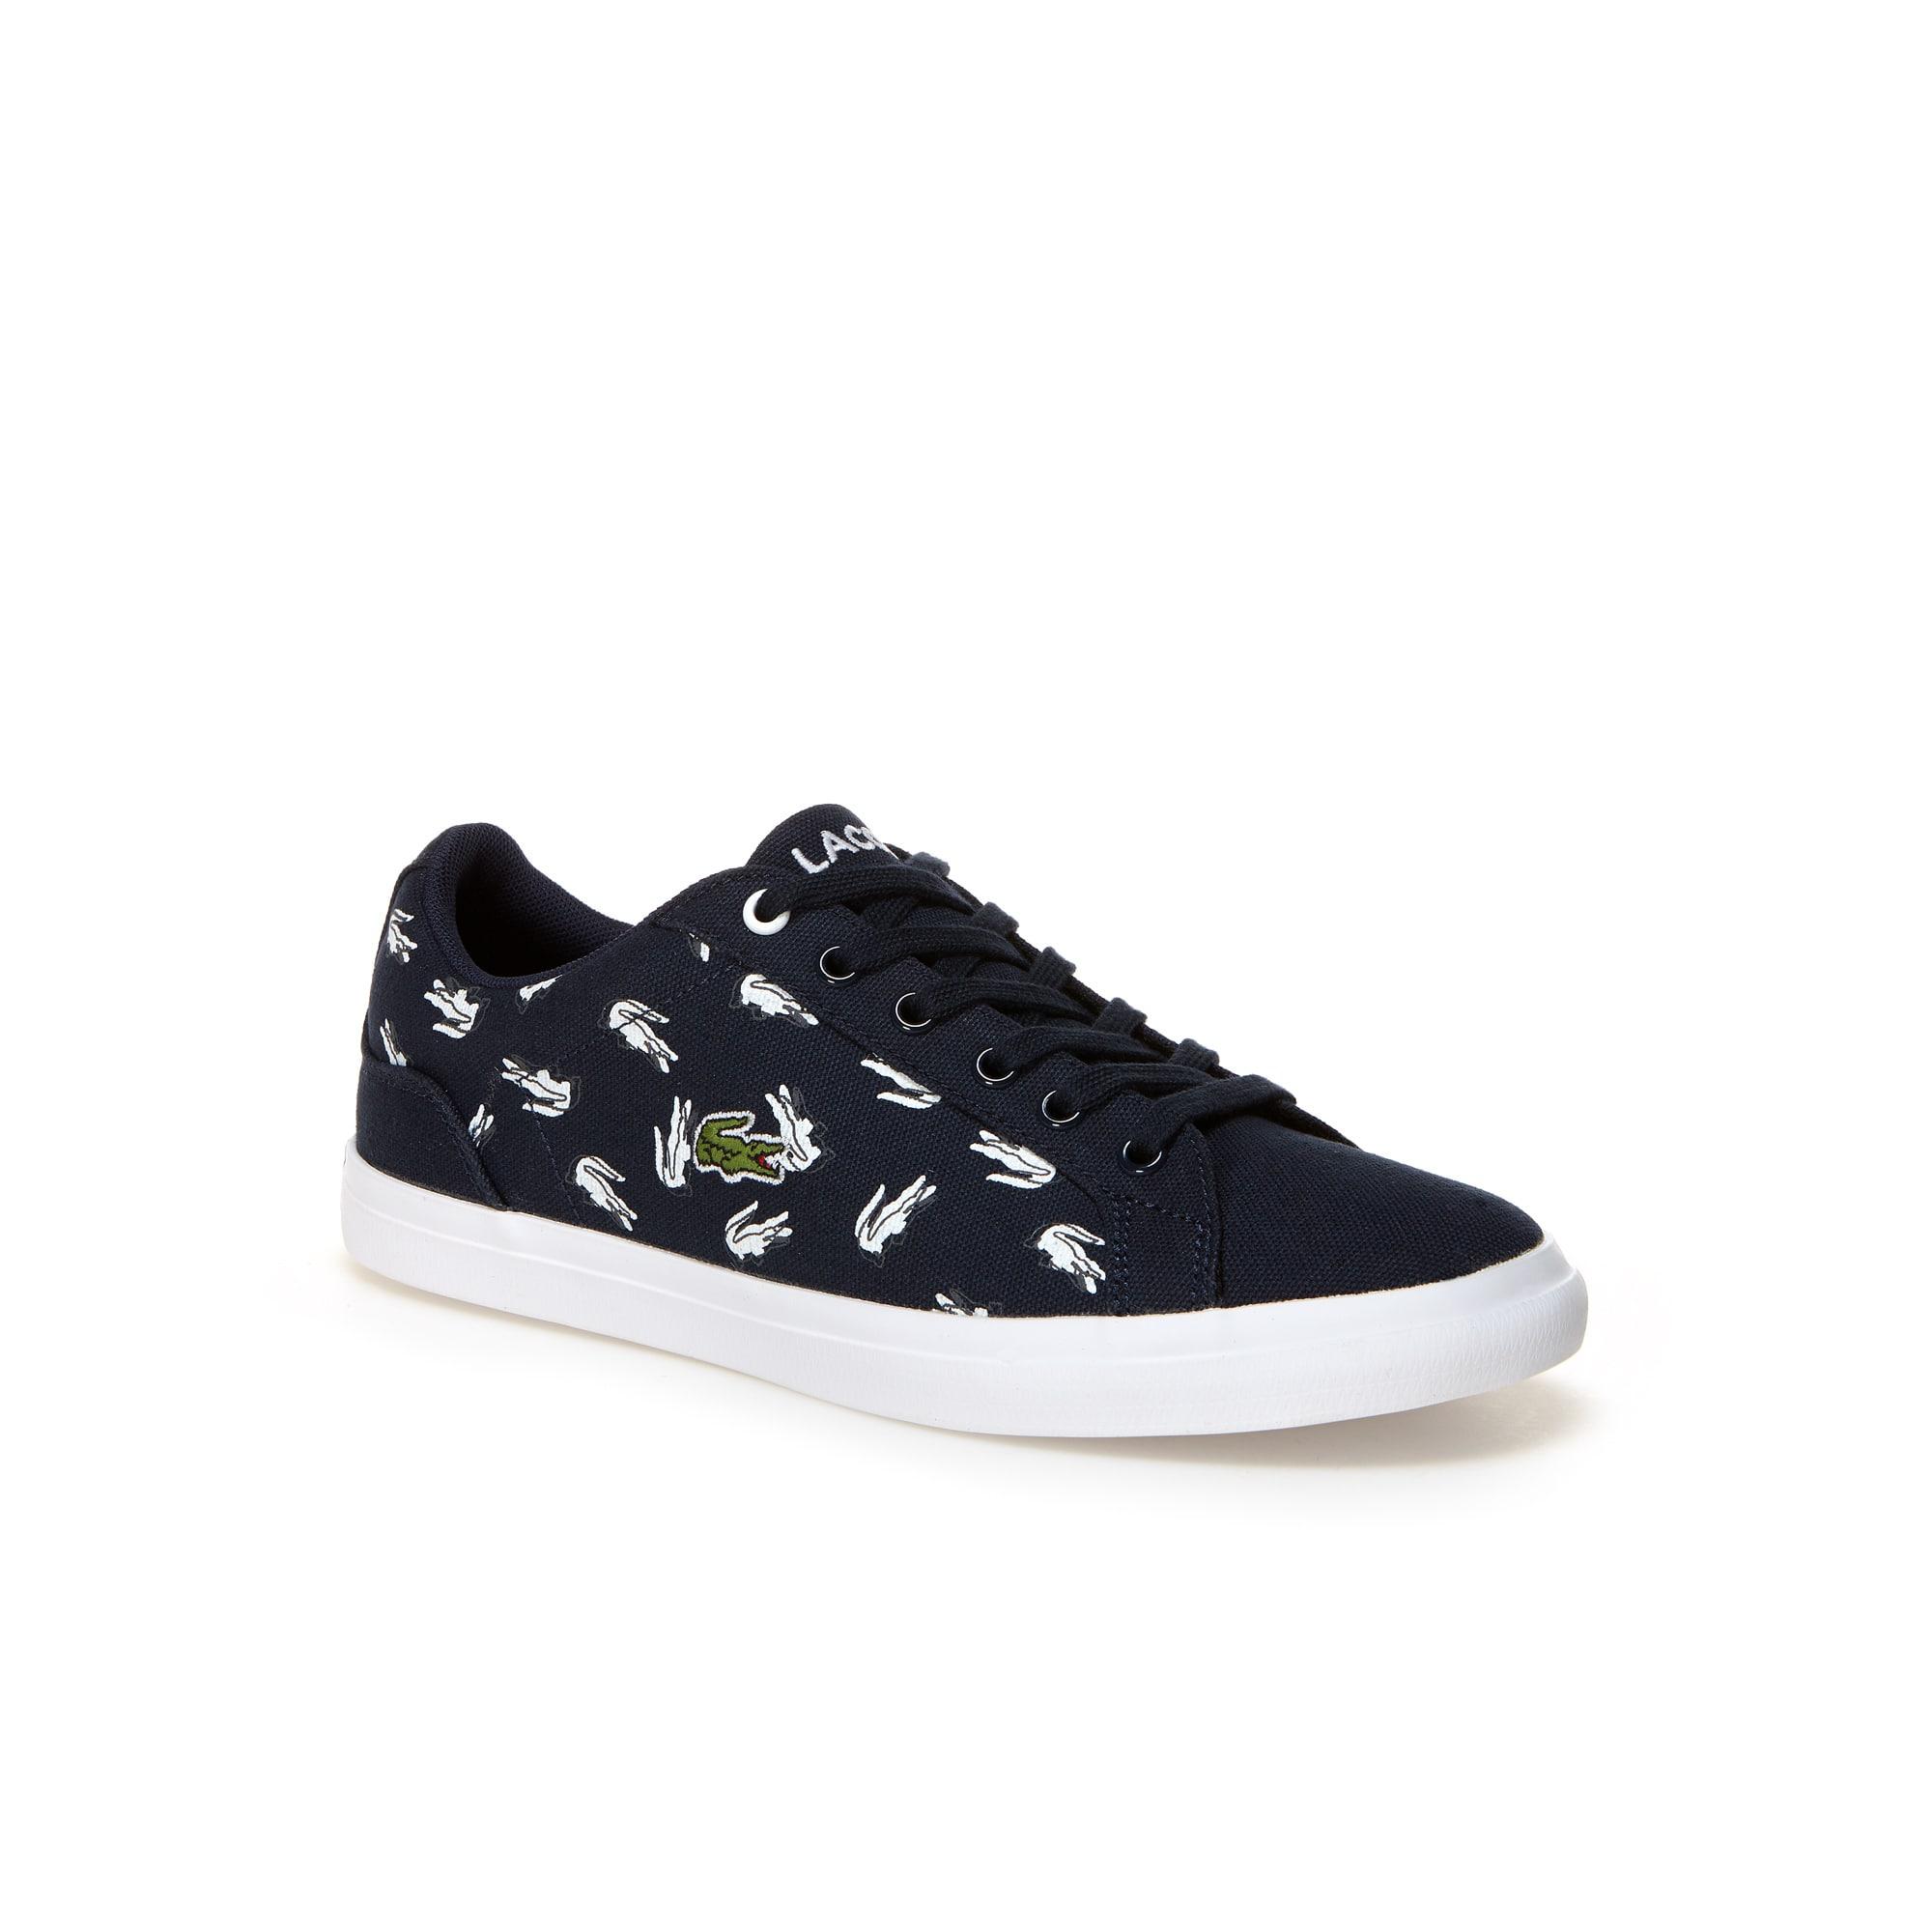 Kinder-Sneakers LEROND aus Stoff